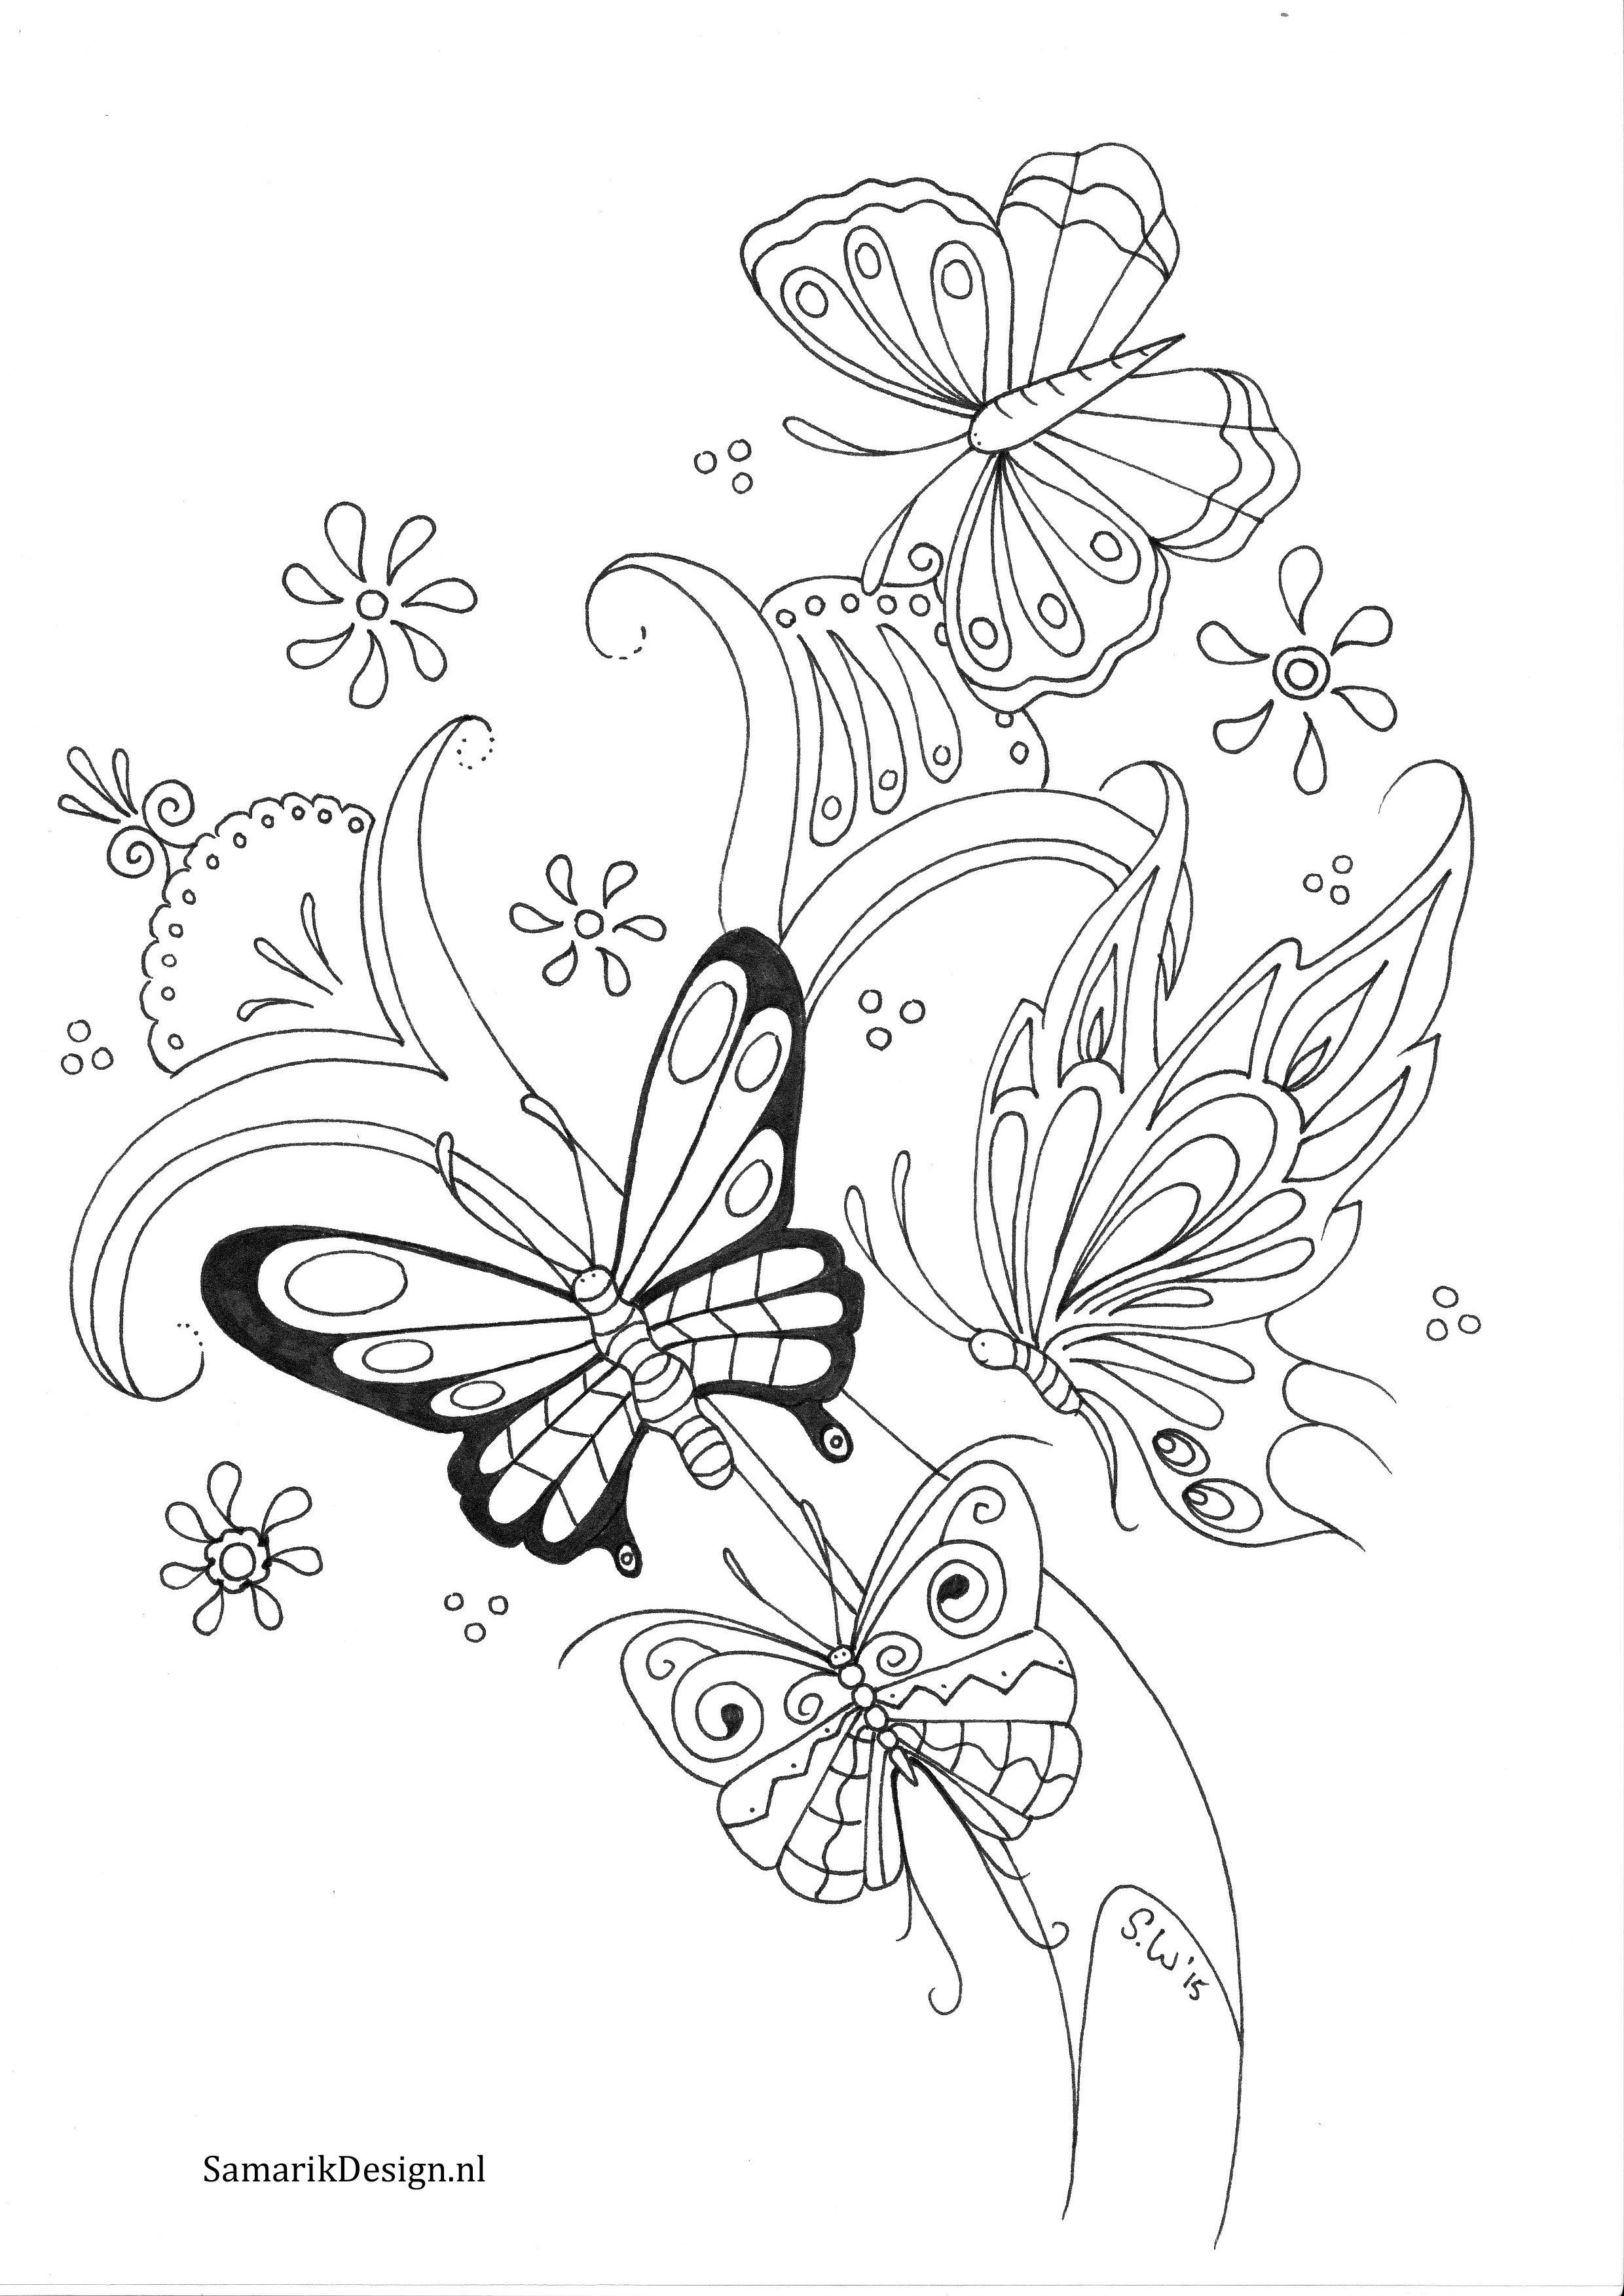 Ausmalbilder Schmetterling : Pin Von Patricia Iannone Auf Dise Os Mariposas Pinterest